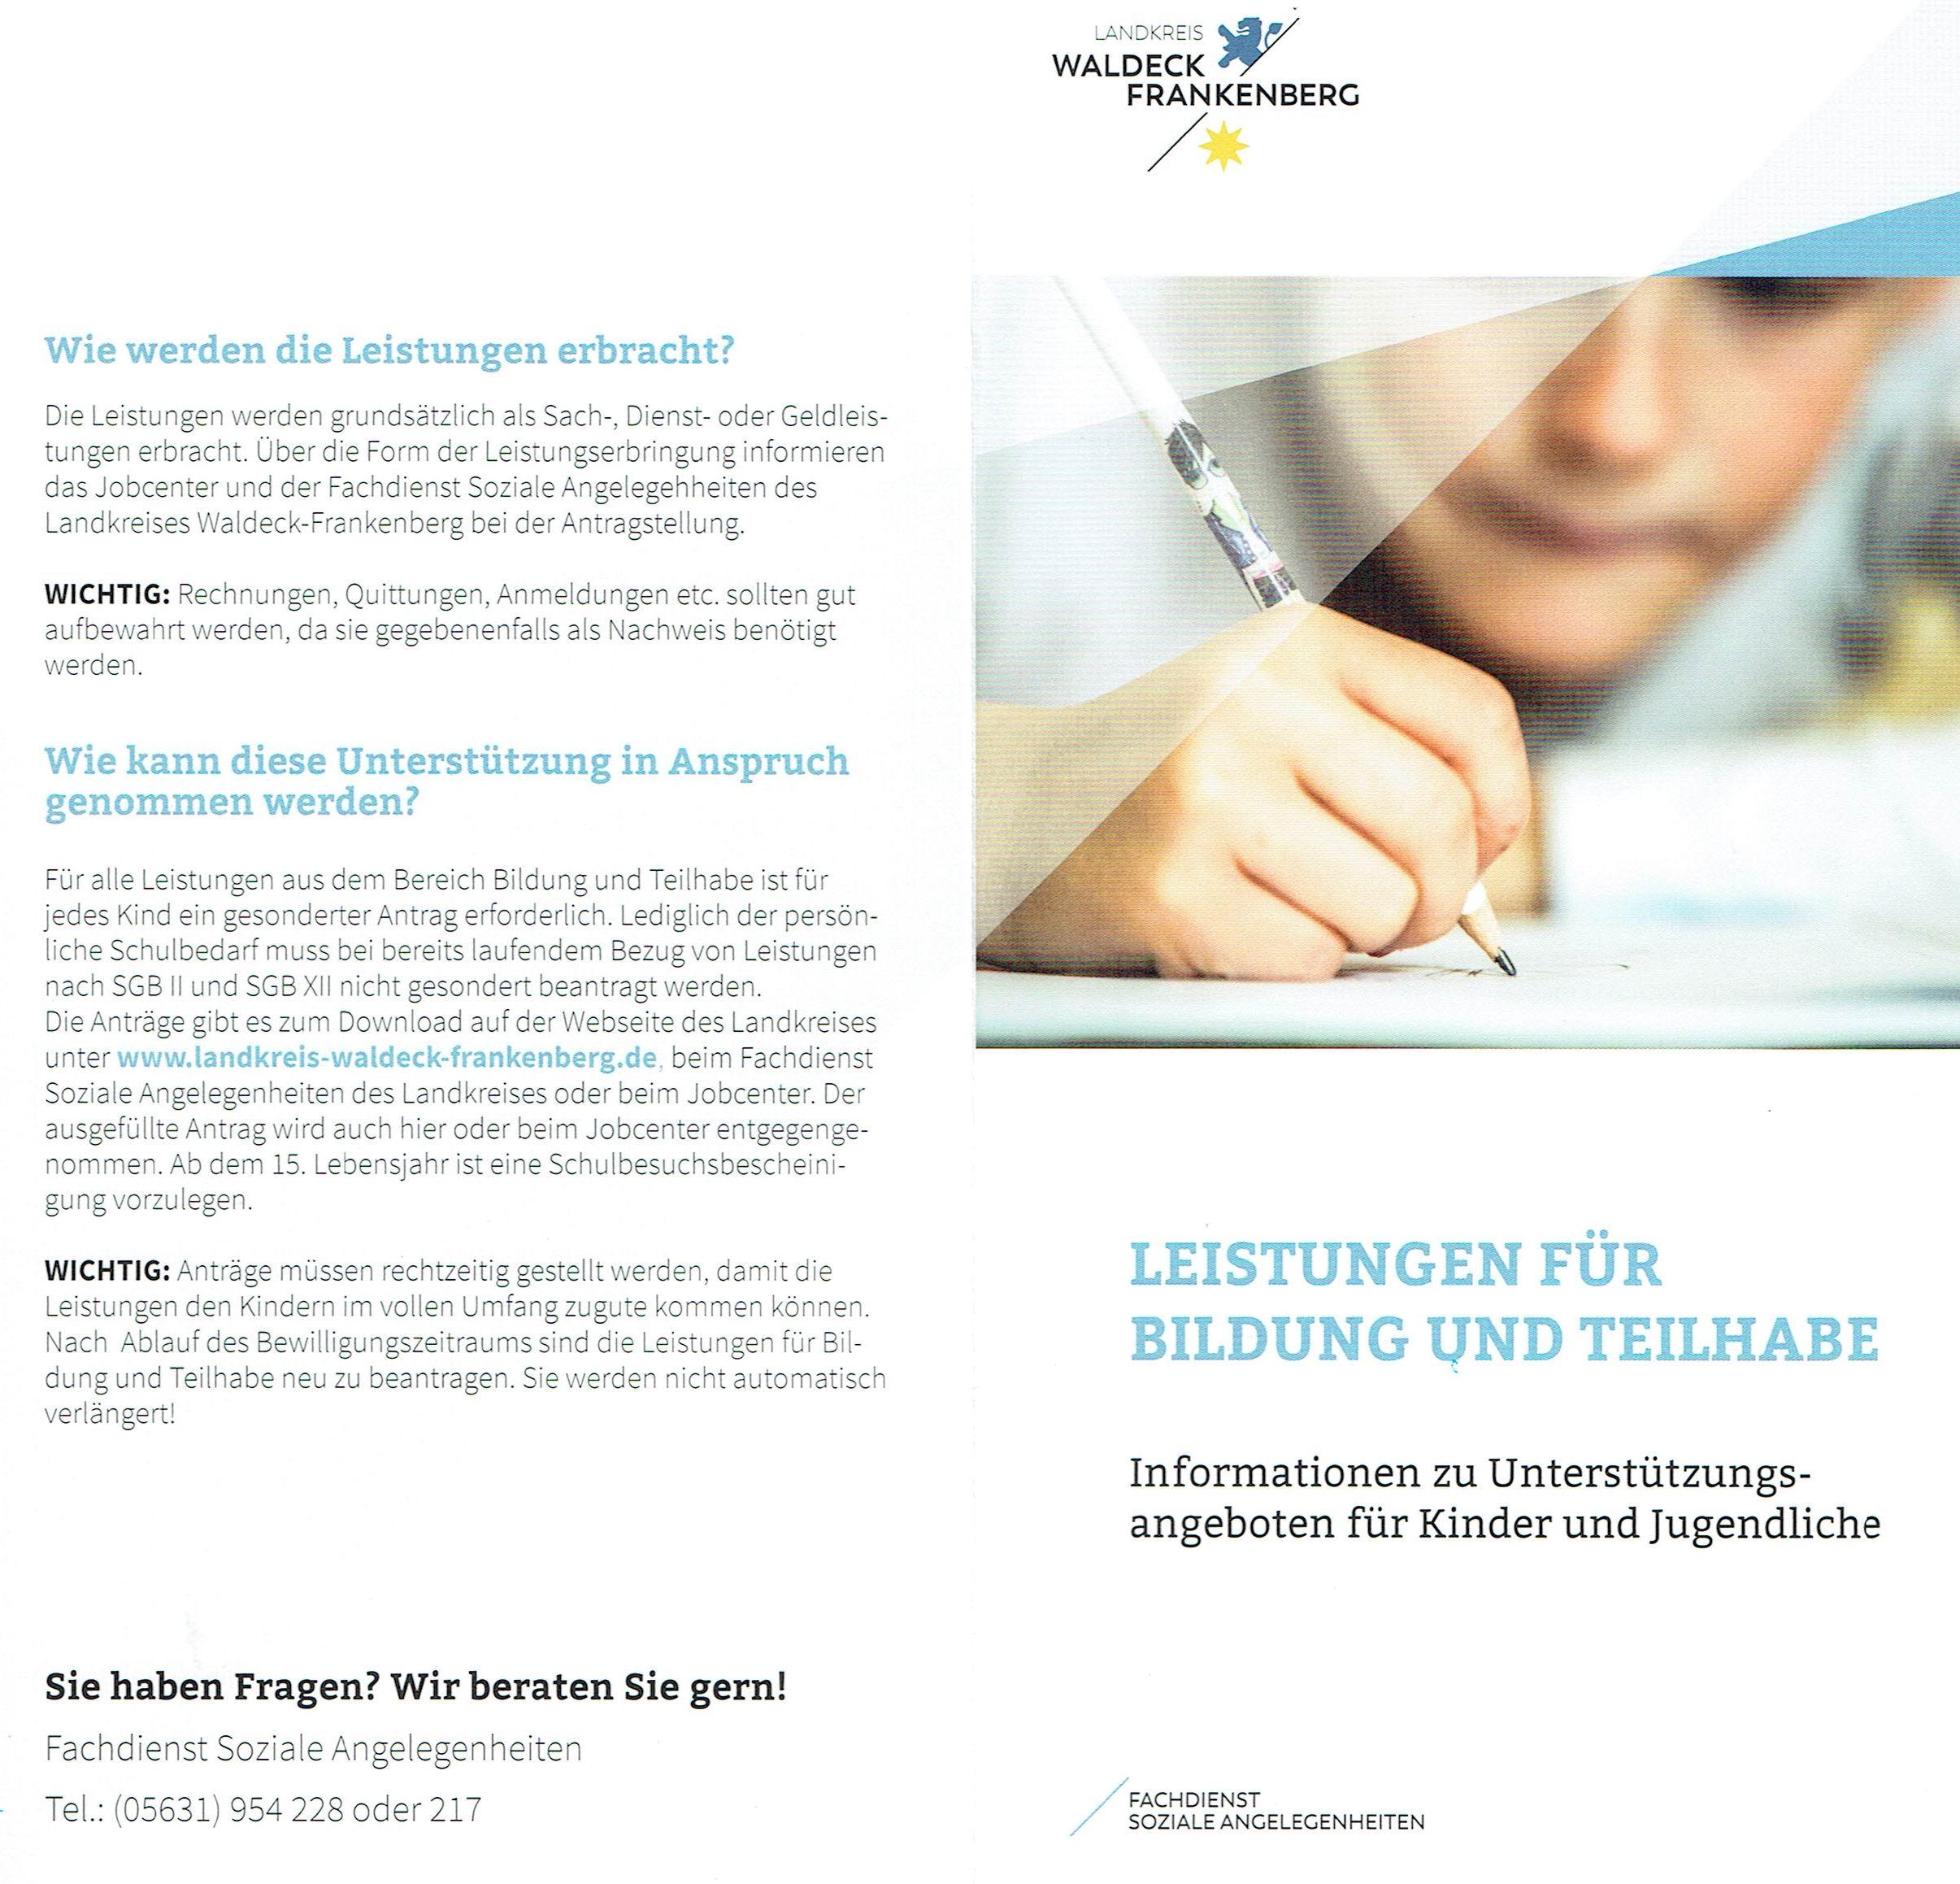 18 08 08 Flyer Bildung und Teilhabe16102018